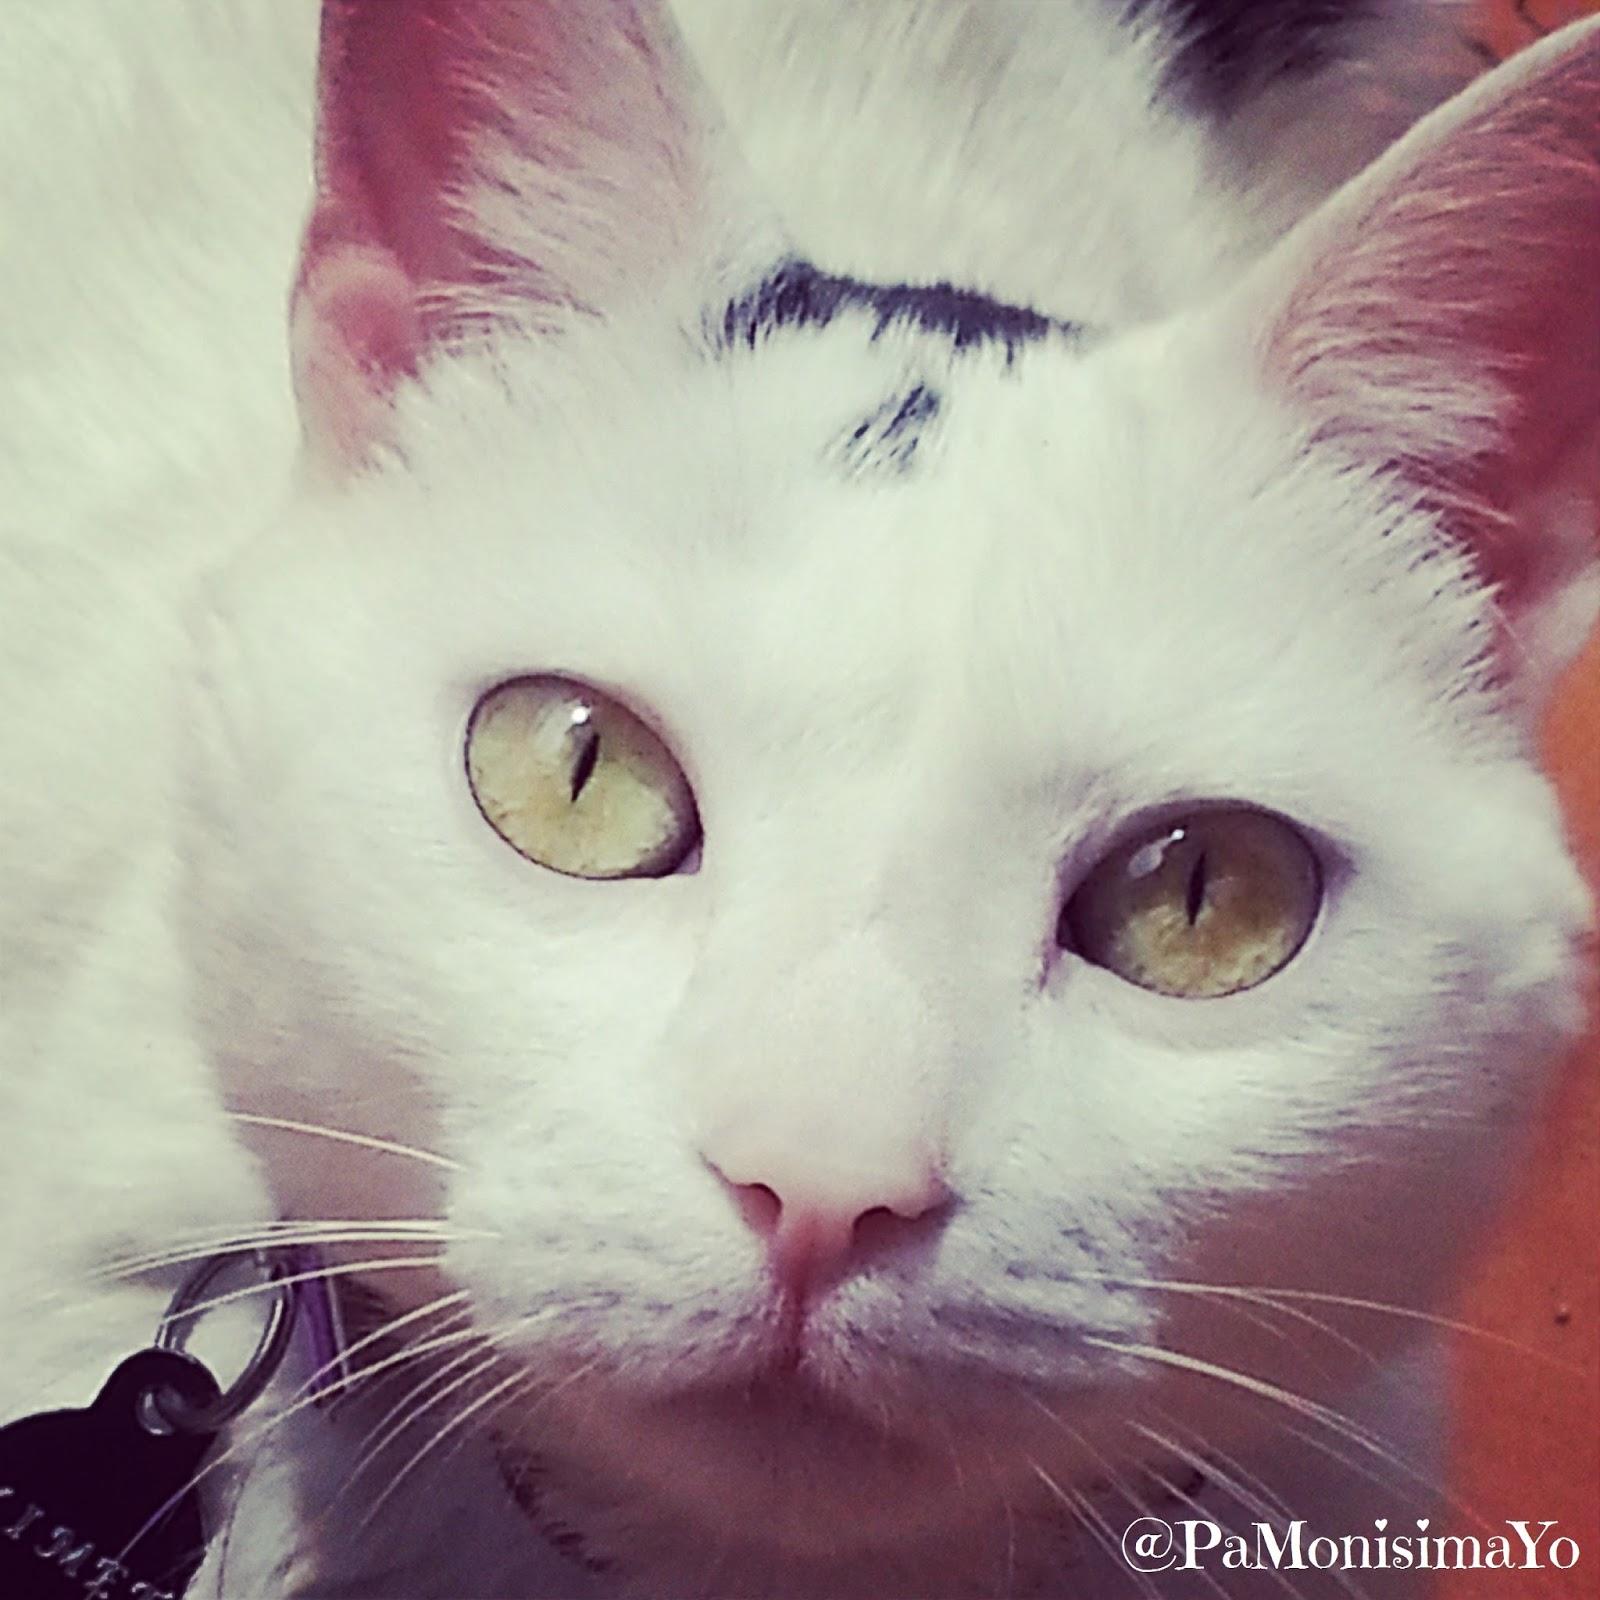 Ximet gato cat @pamonisimayo